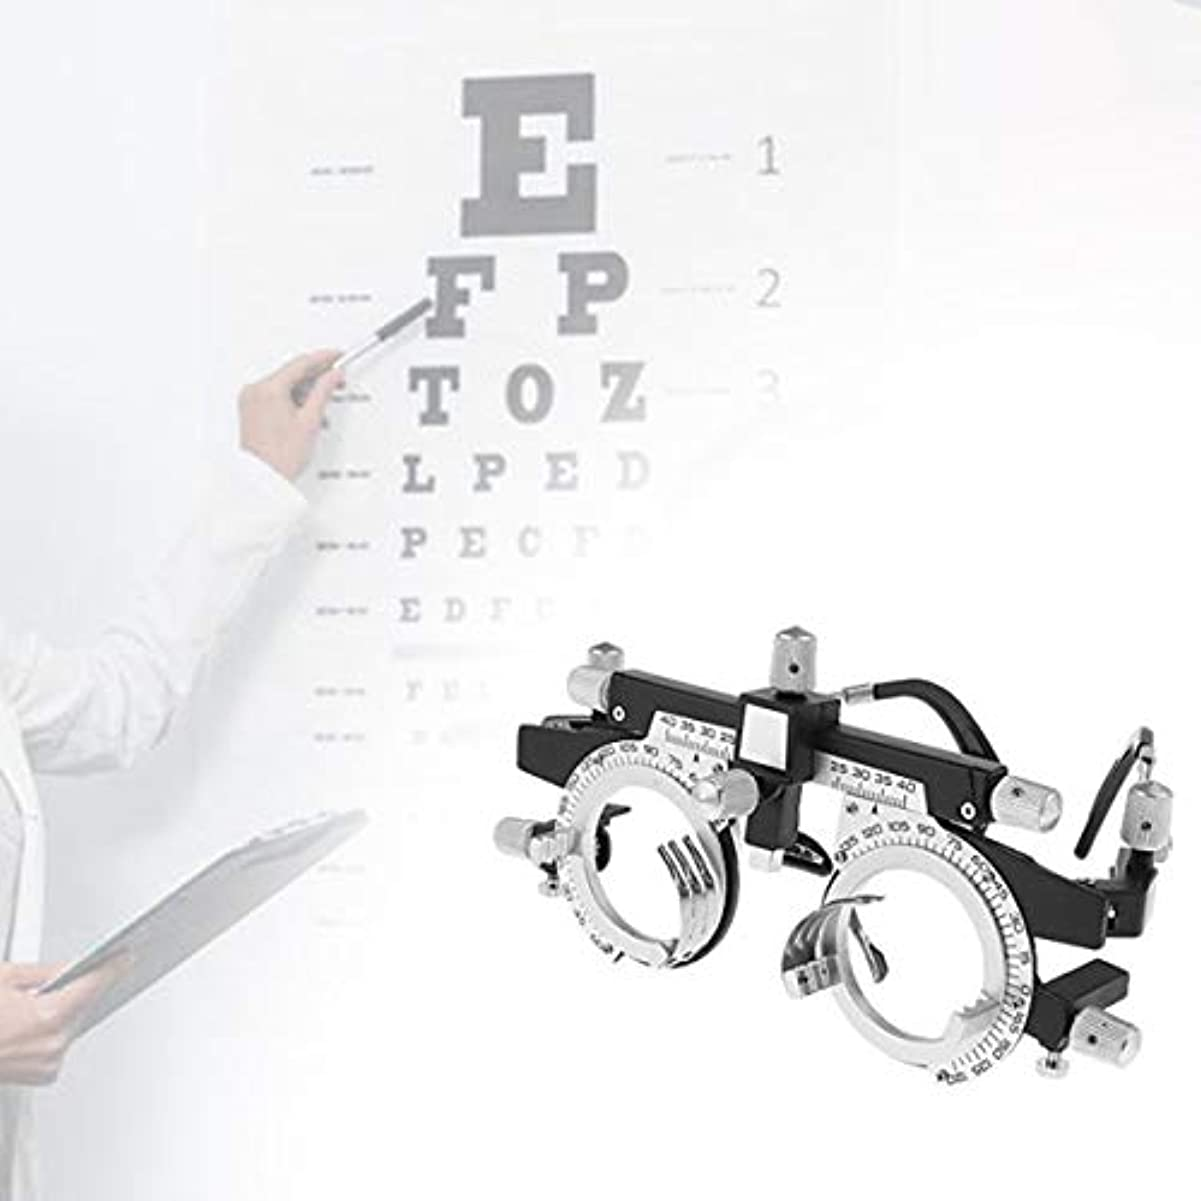 決定二年生反映する調節可能なプロフェッショナルアイウェア検眼メタルフレーム光学オプティクストライアルレンズメタルフレームPDメガネアクセサリー